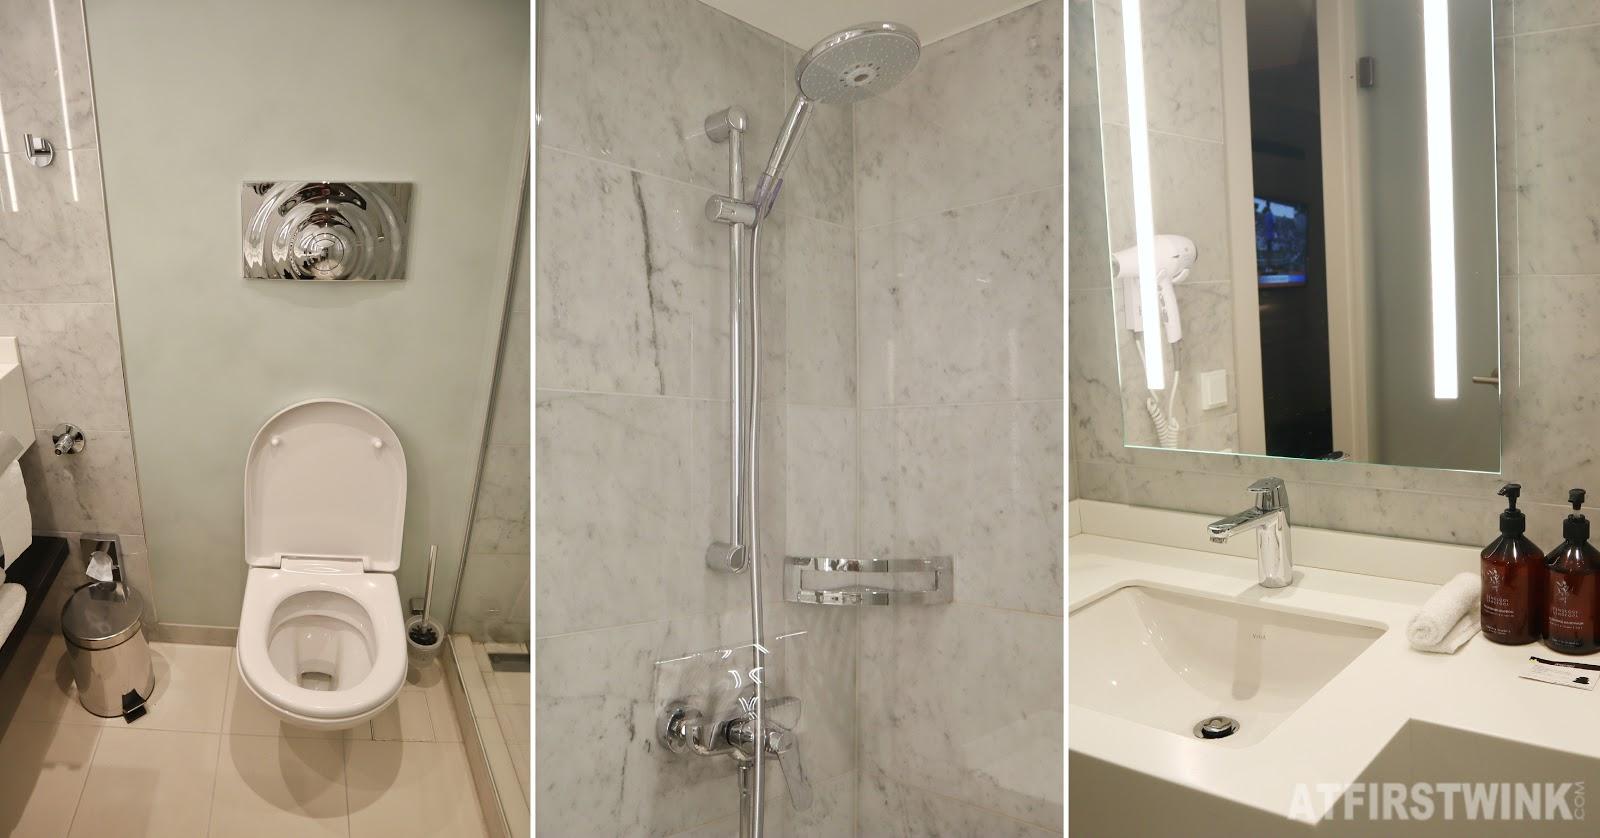 Hotel nikko dusseldorf toilet sink shower